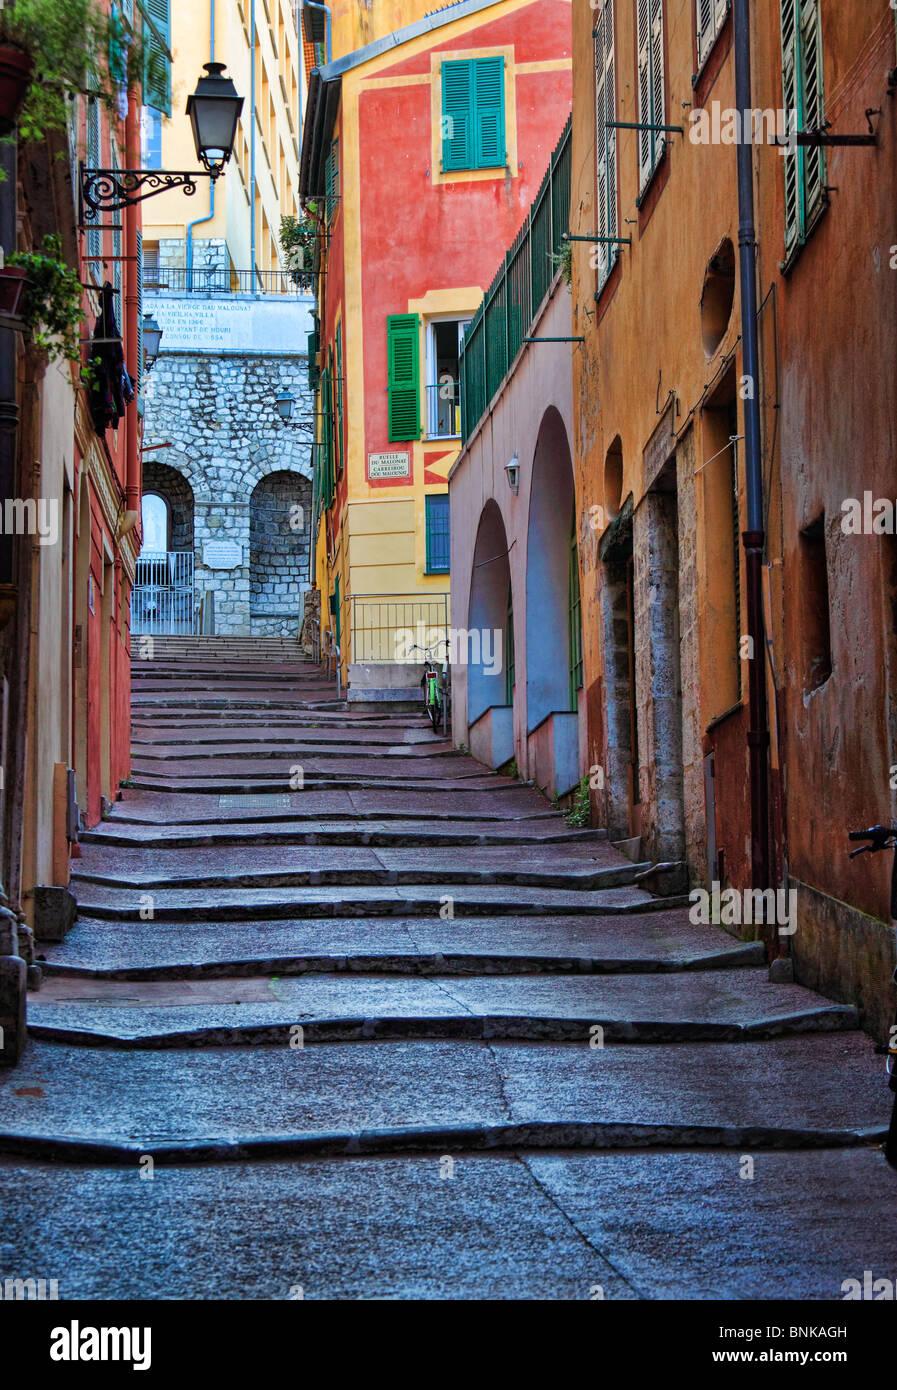 Scène de rue dans la Vieille Ville (old town) partie de Nice sur la côte d'Azur (Côte d'Azur) Photo Stock